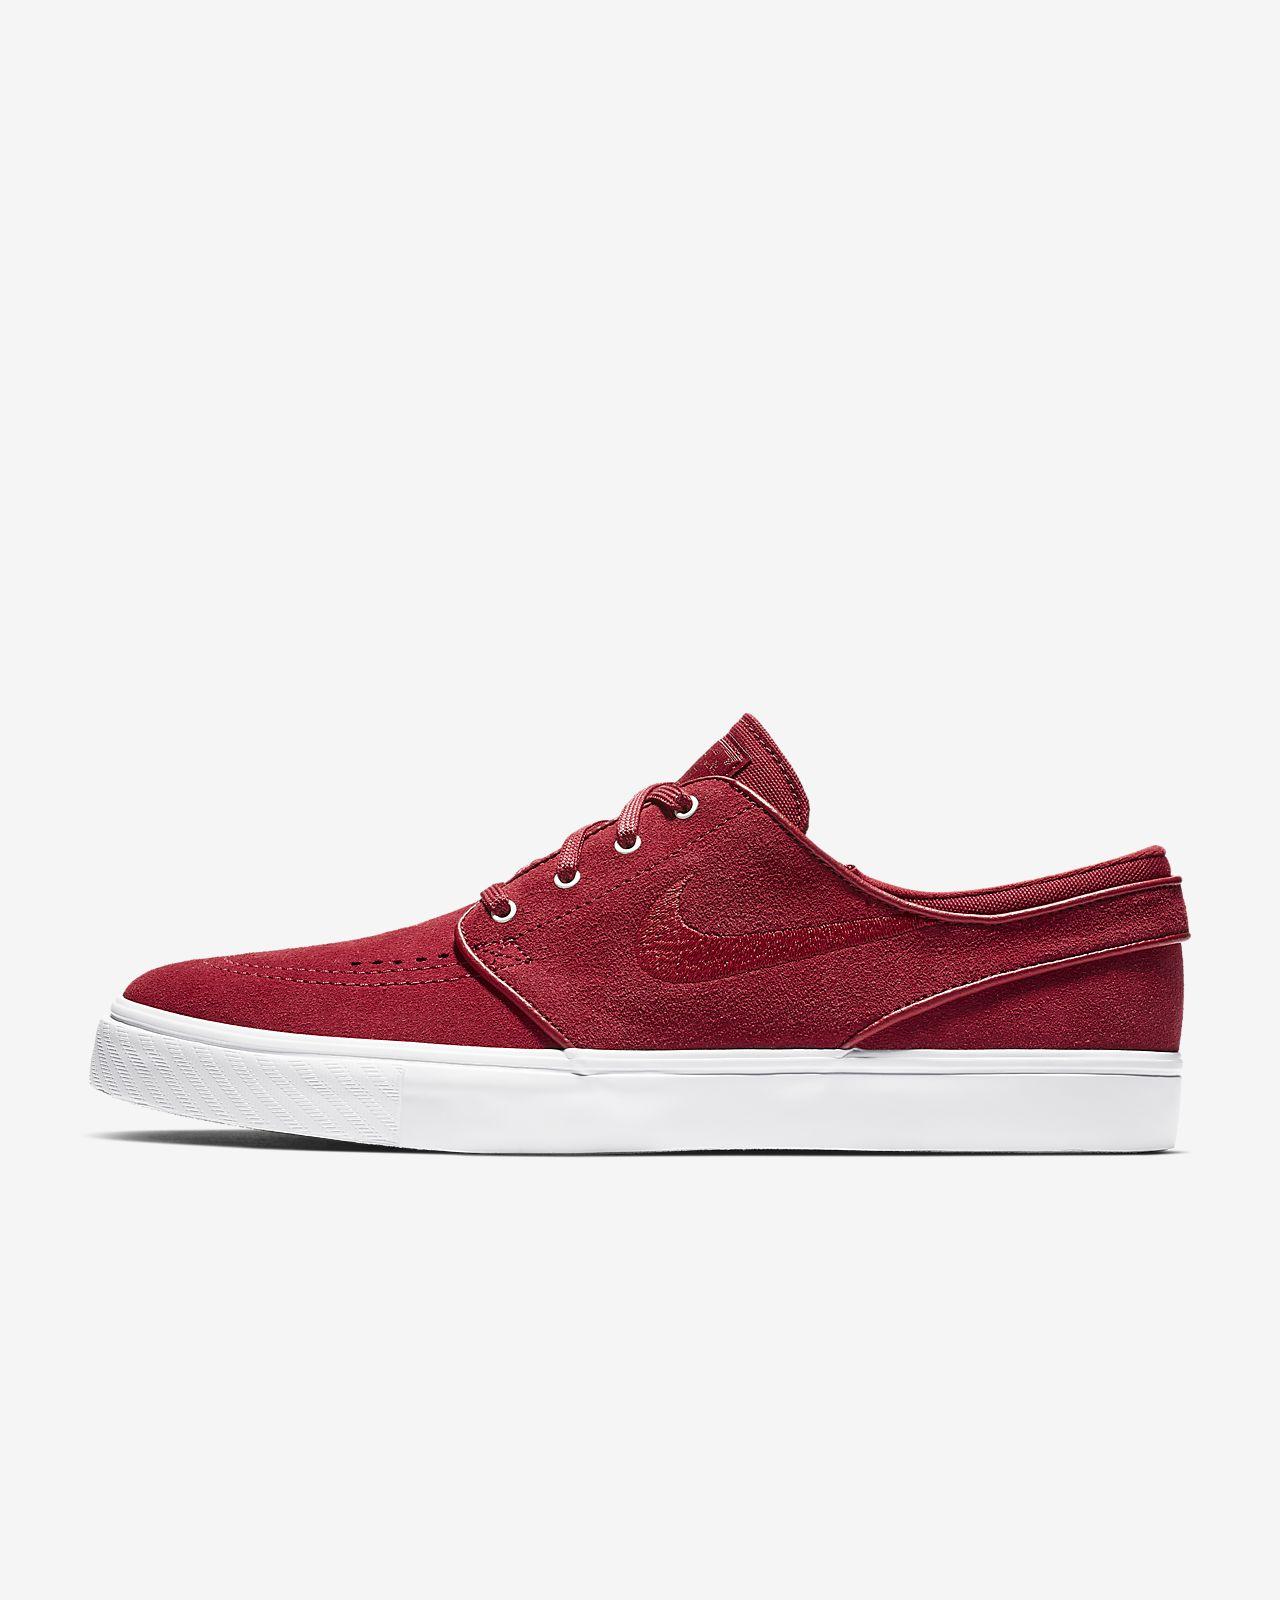 Nike Zoom Stefan Janoski Zapatillas de skateboard - Hombre